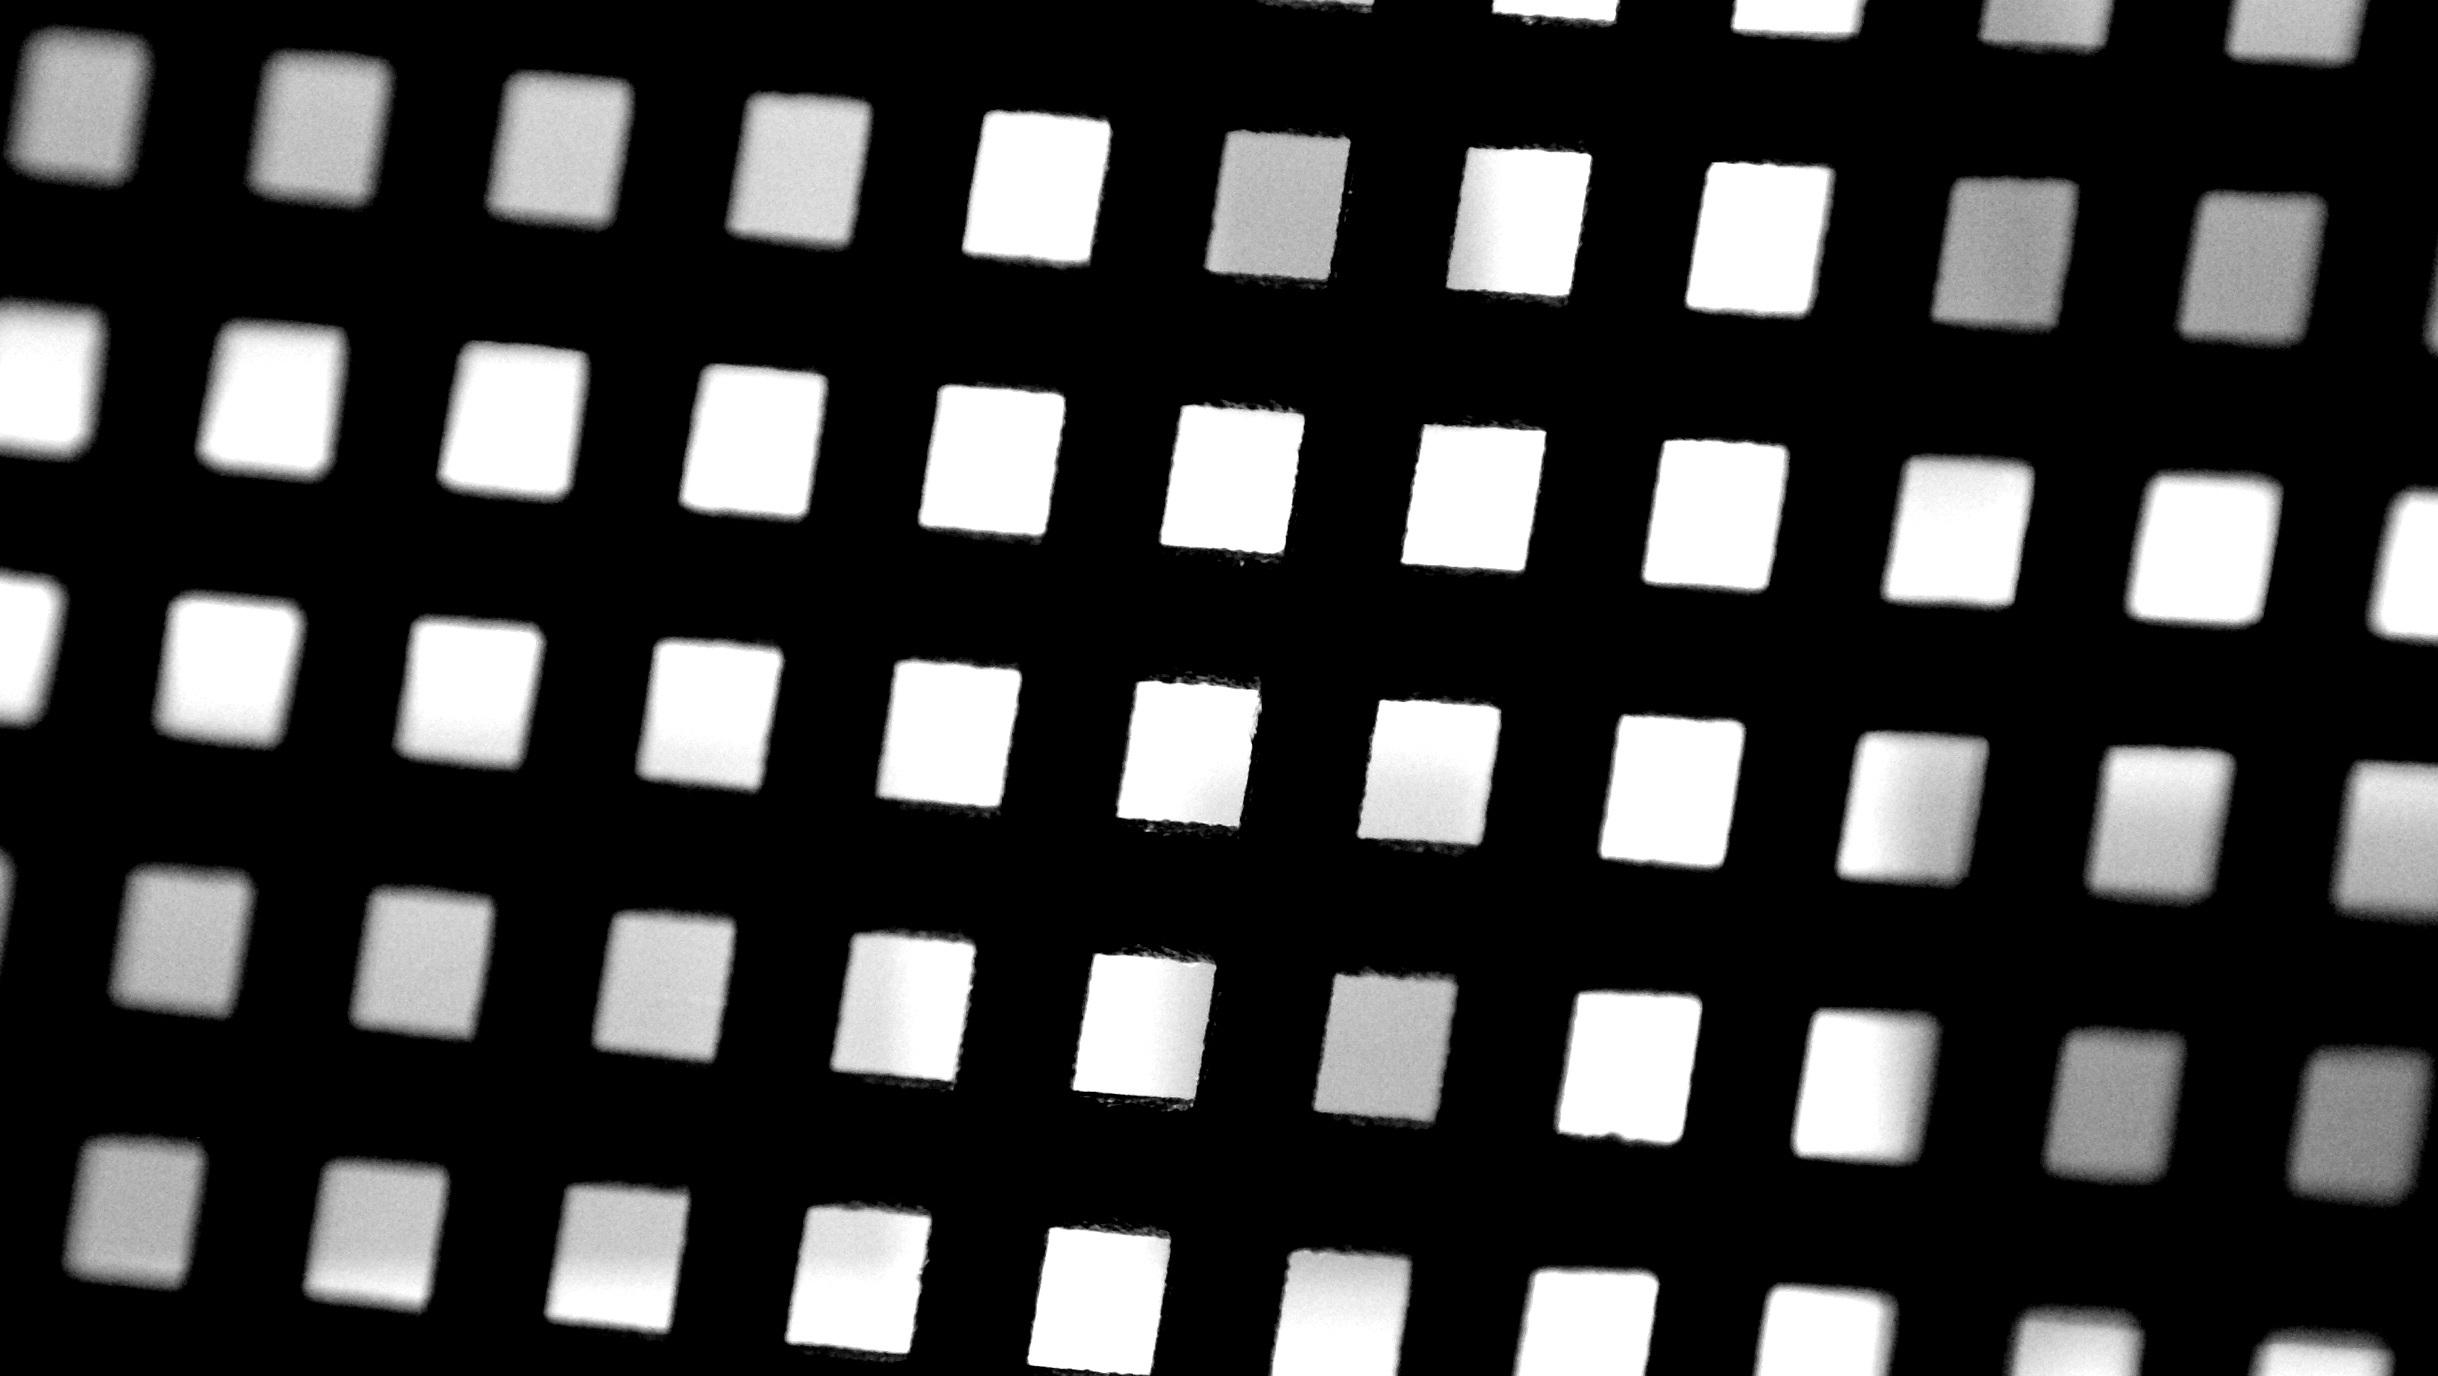 Gambar Abstrak Hitam Dan Putih Pola Garis Satu Warna